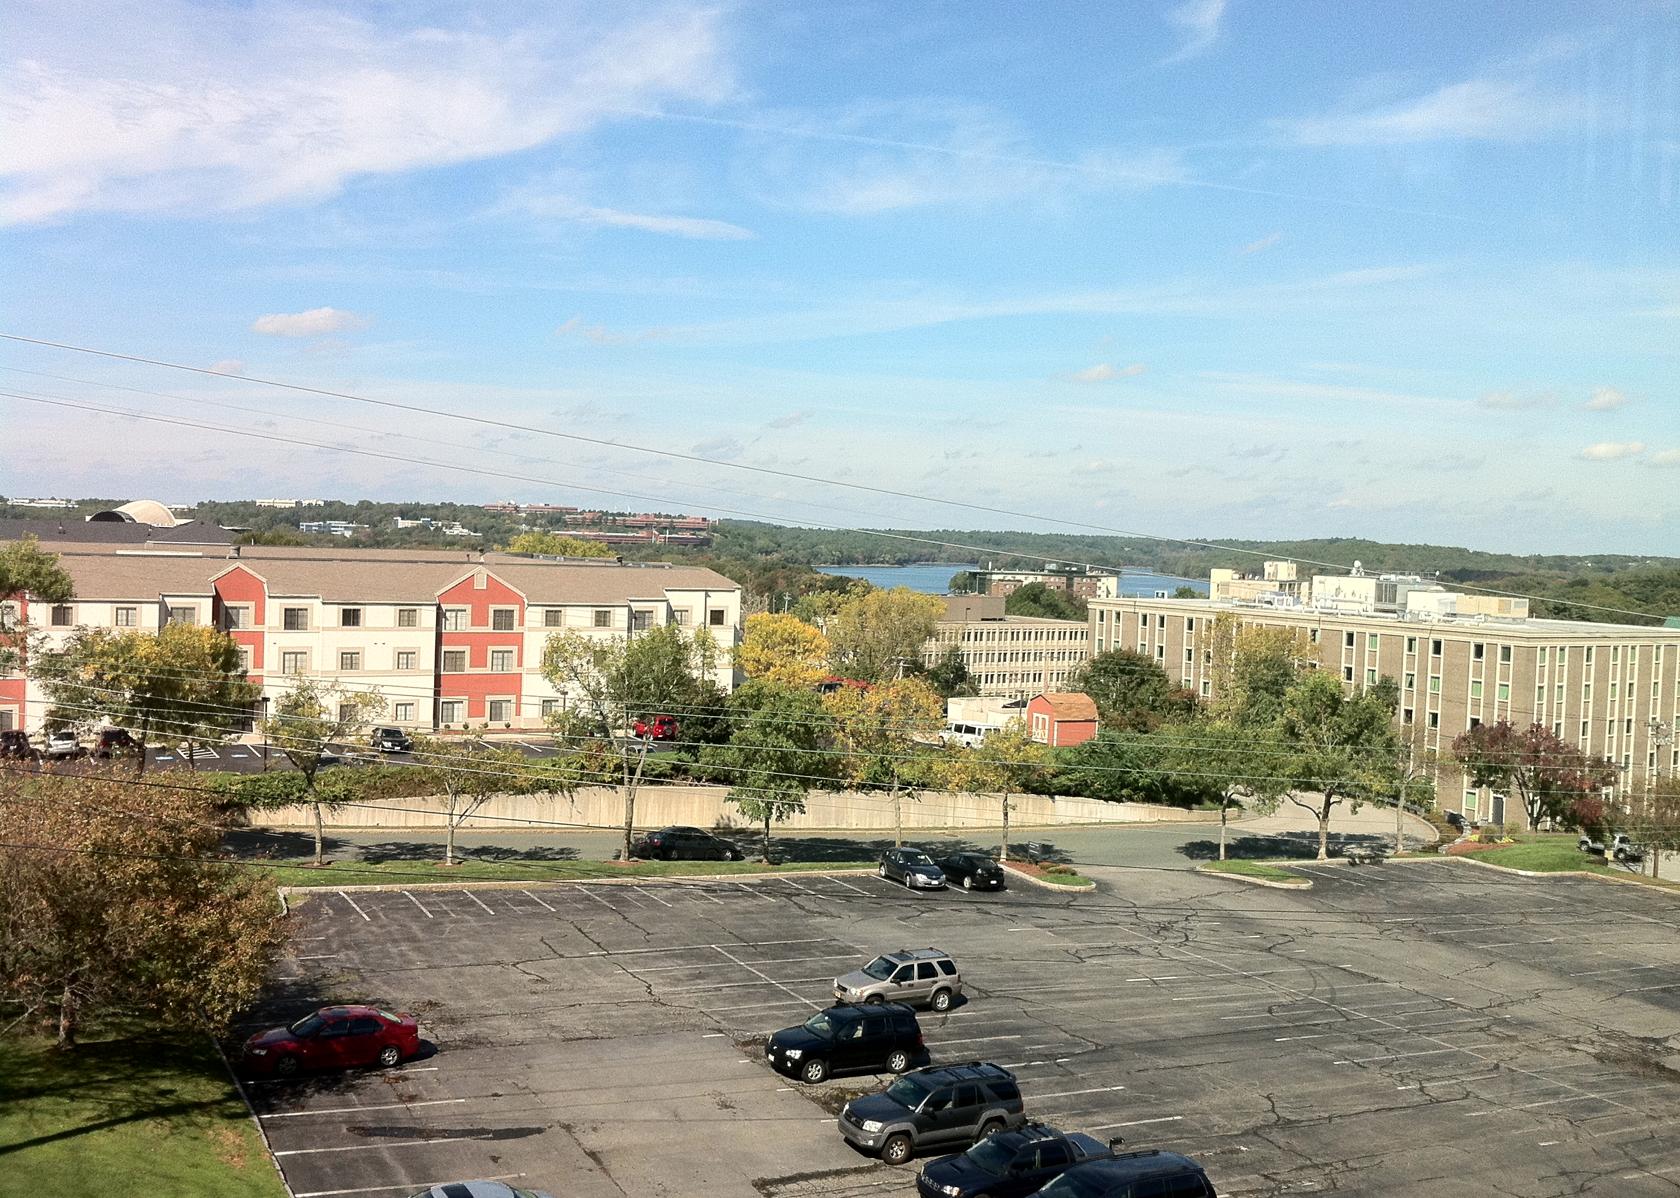 보스턴 근교 라이코스사무실에서 본 바깥 정경. 이 풍경을 3년동안 매일 봤었다.